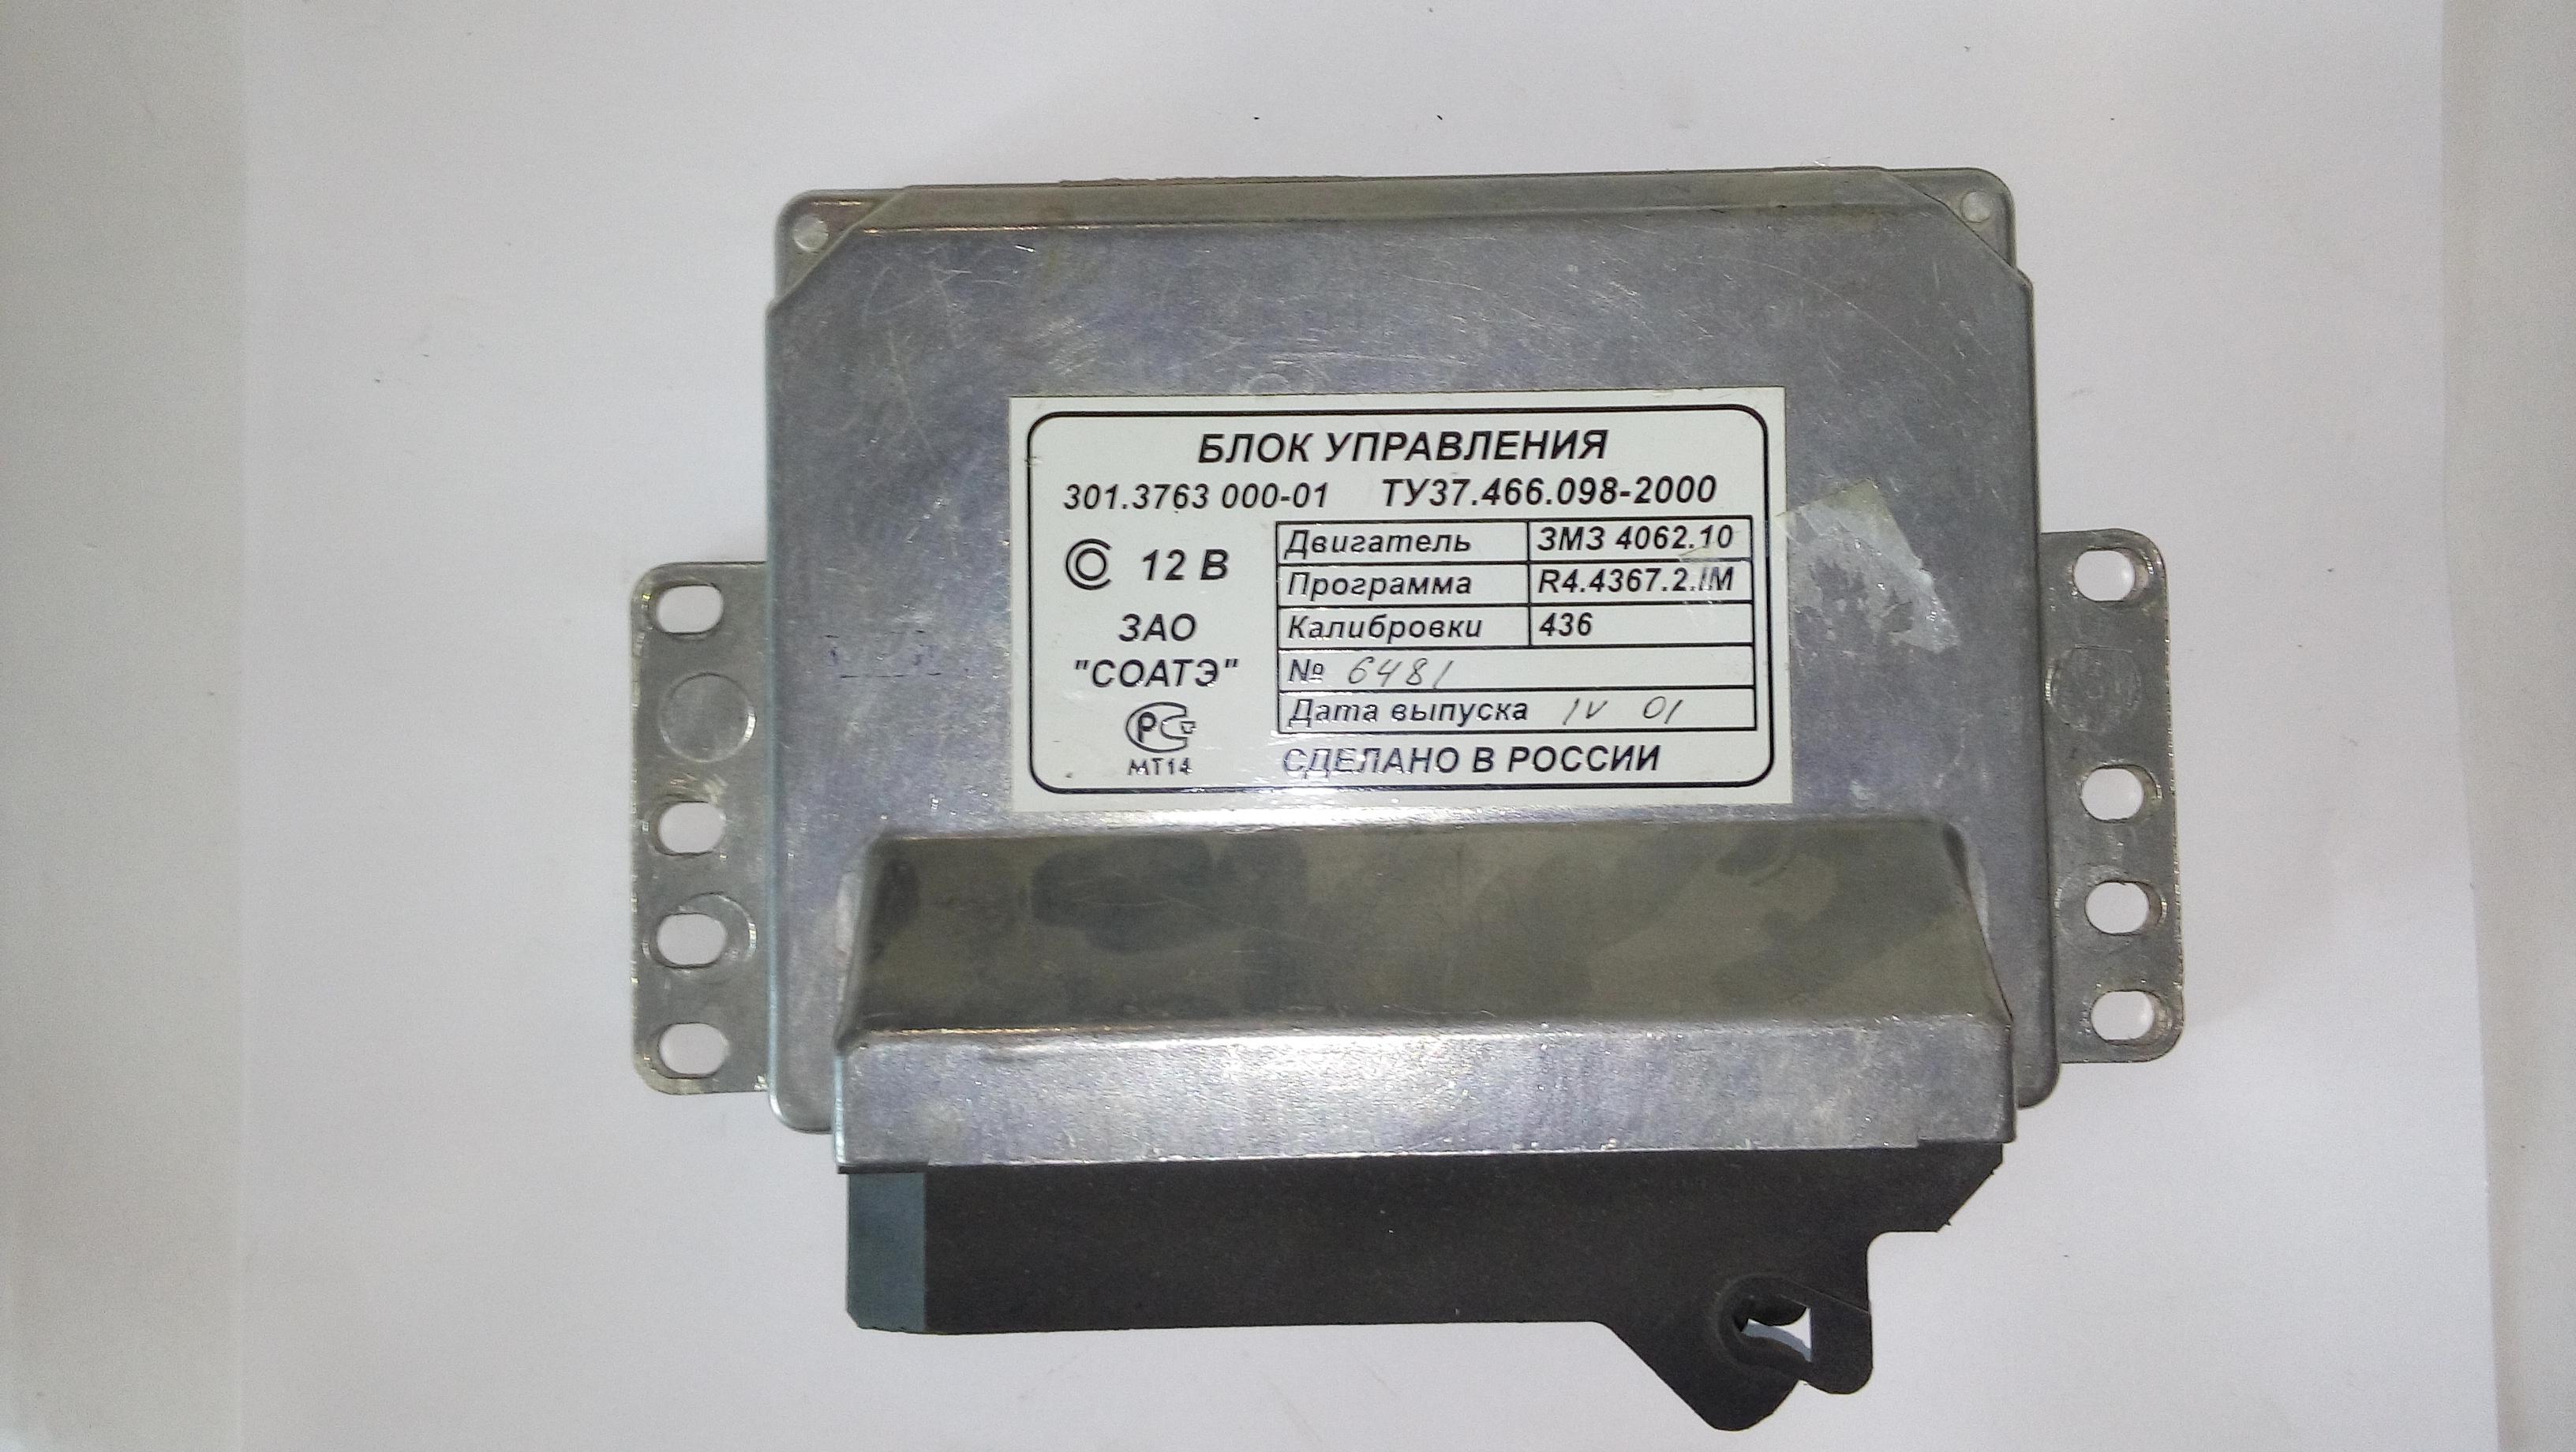 Блок двигателя МТЗ - traktor74.com